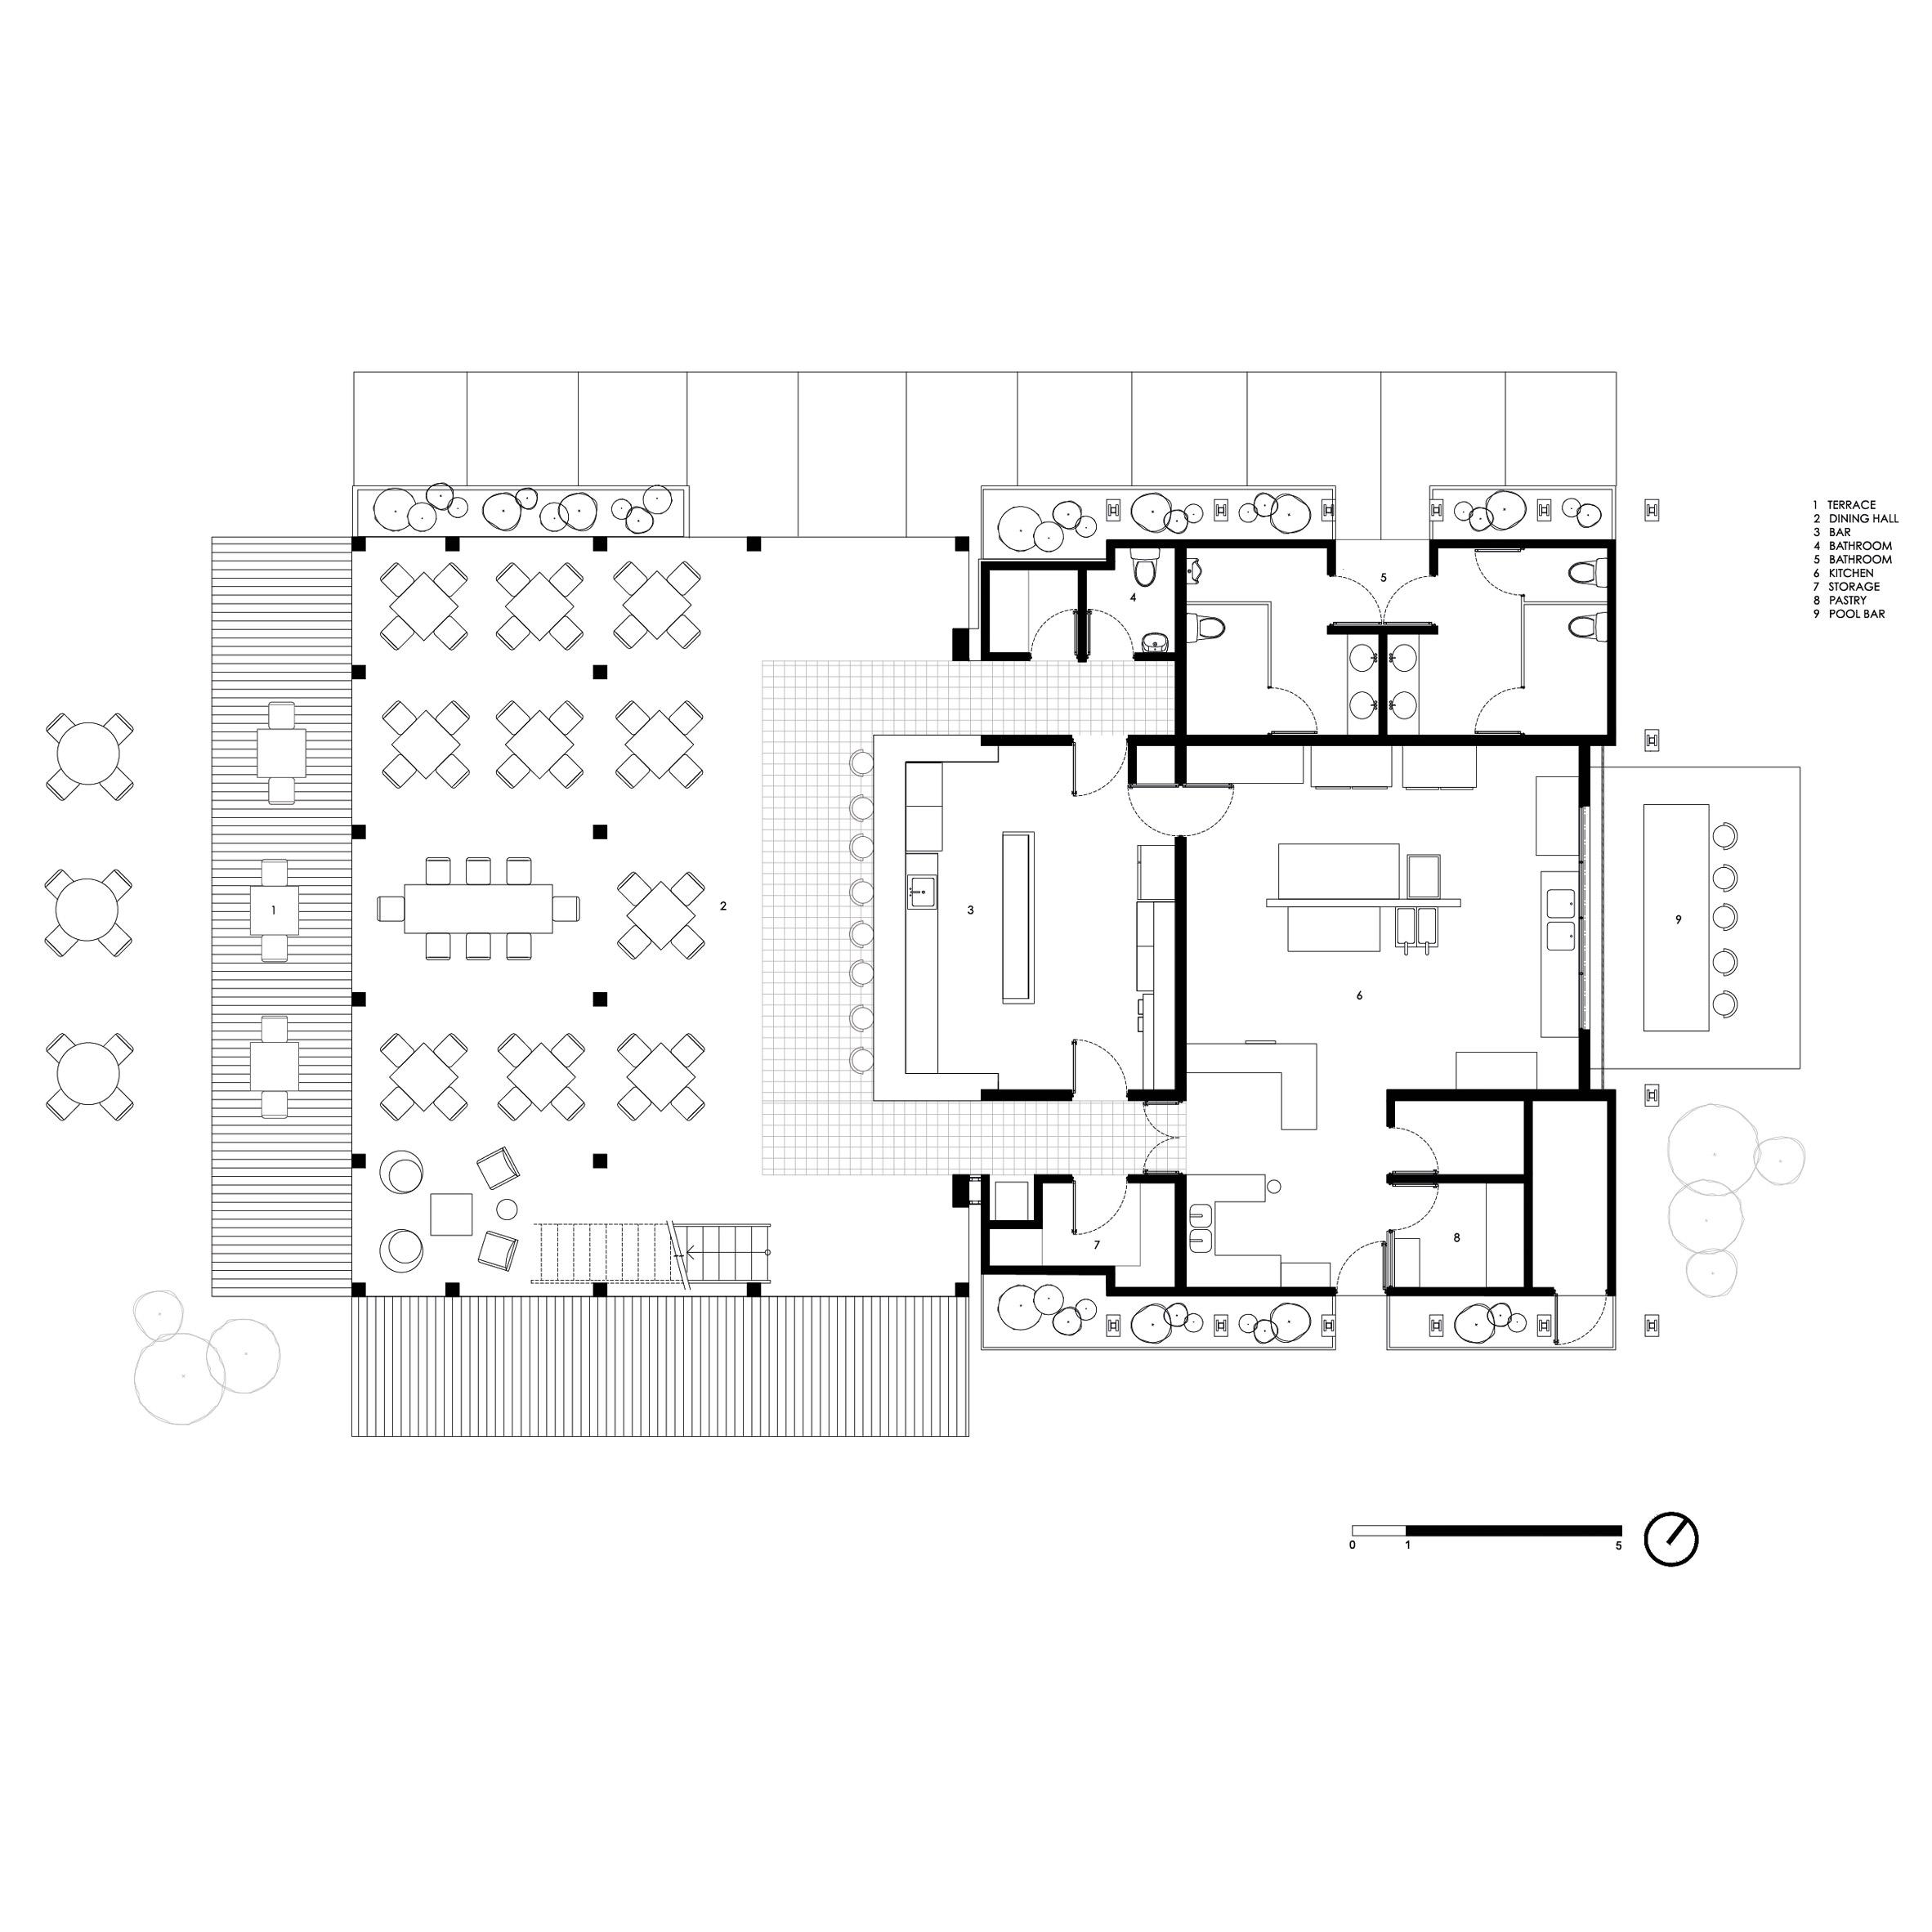 Thiết kế sân vườn Resort 11